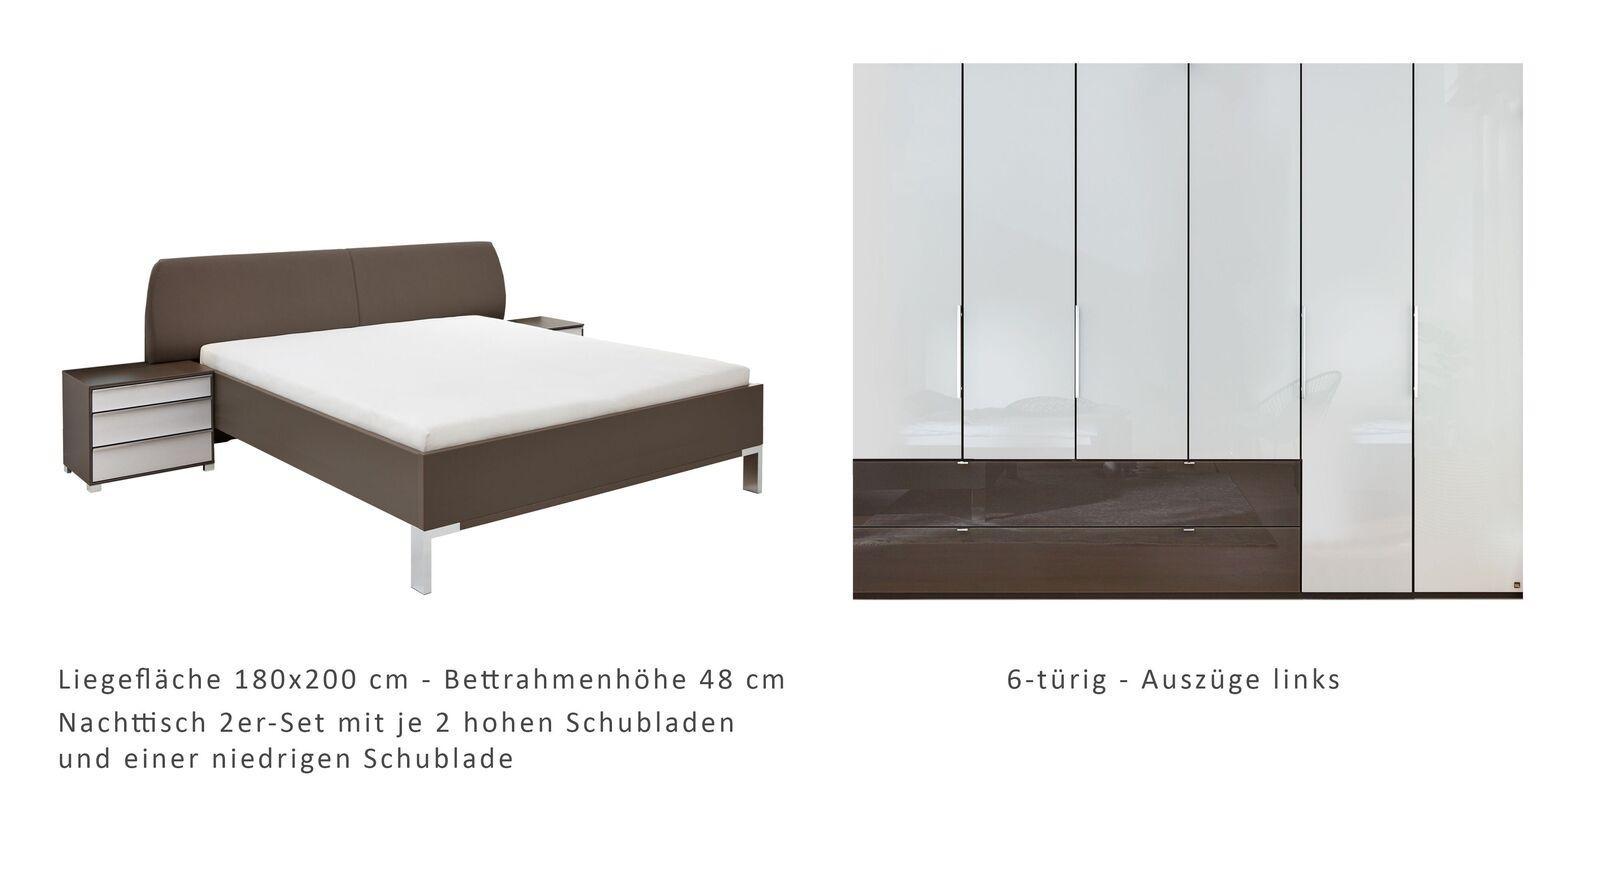 INTERLIVING Schlaftimmer 1006 Variante 05